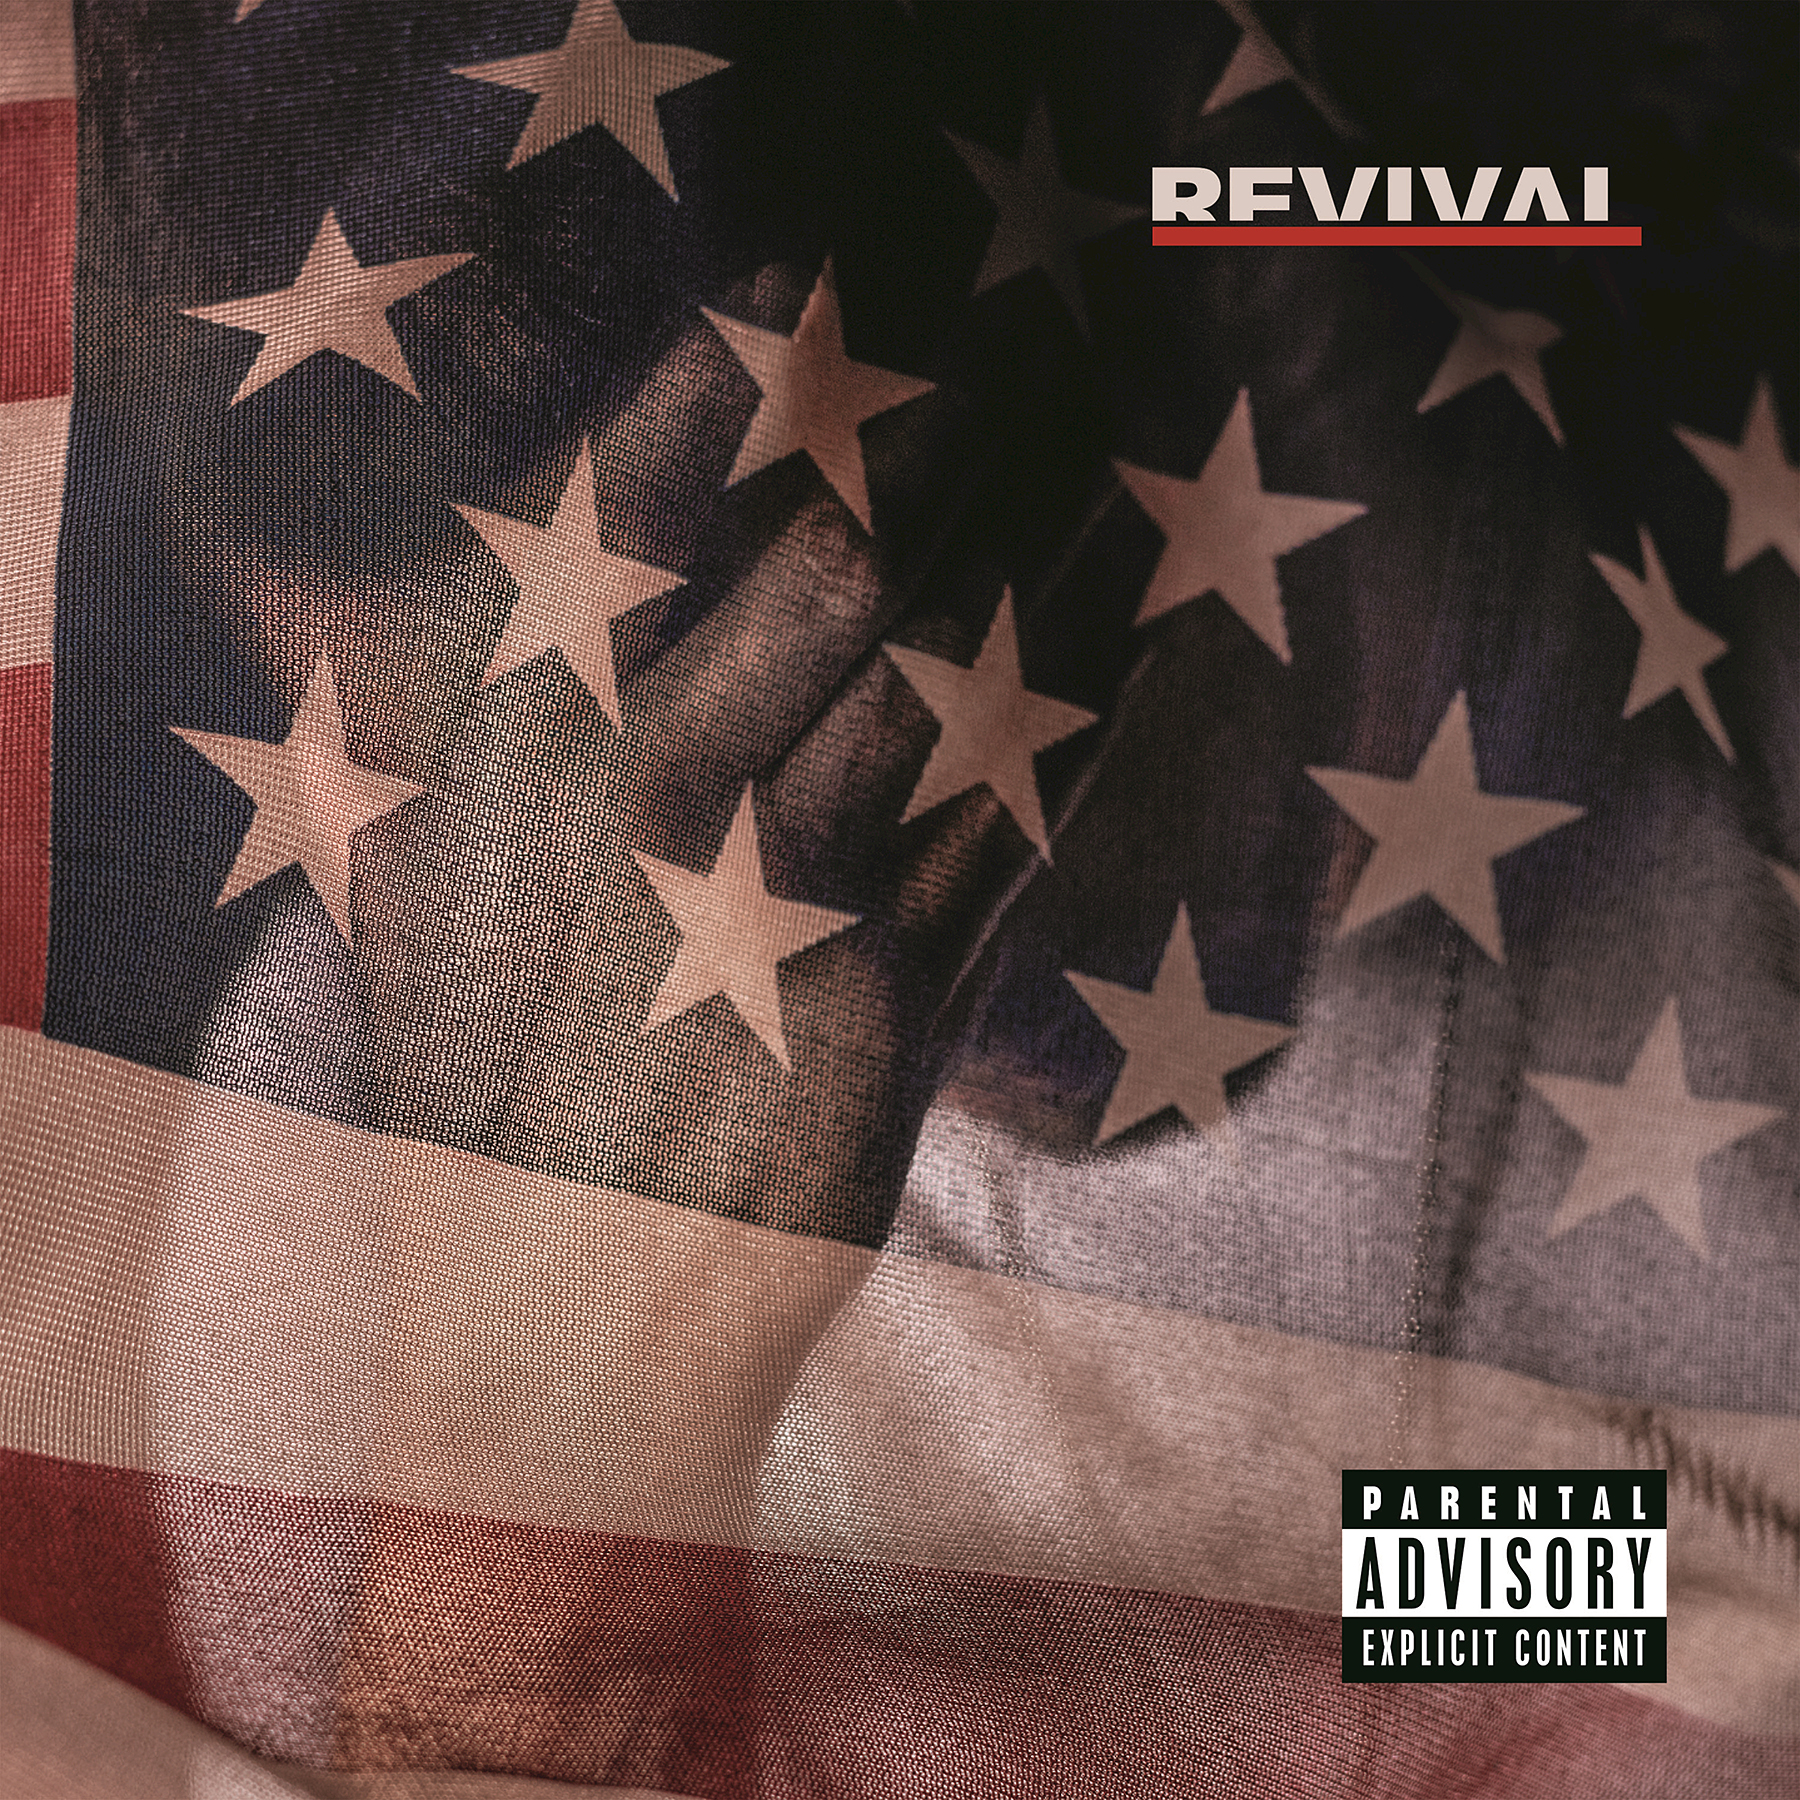 Eminem's album Revival